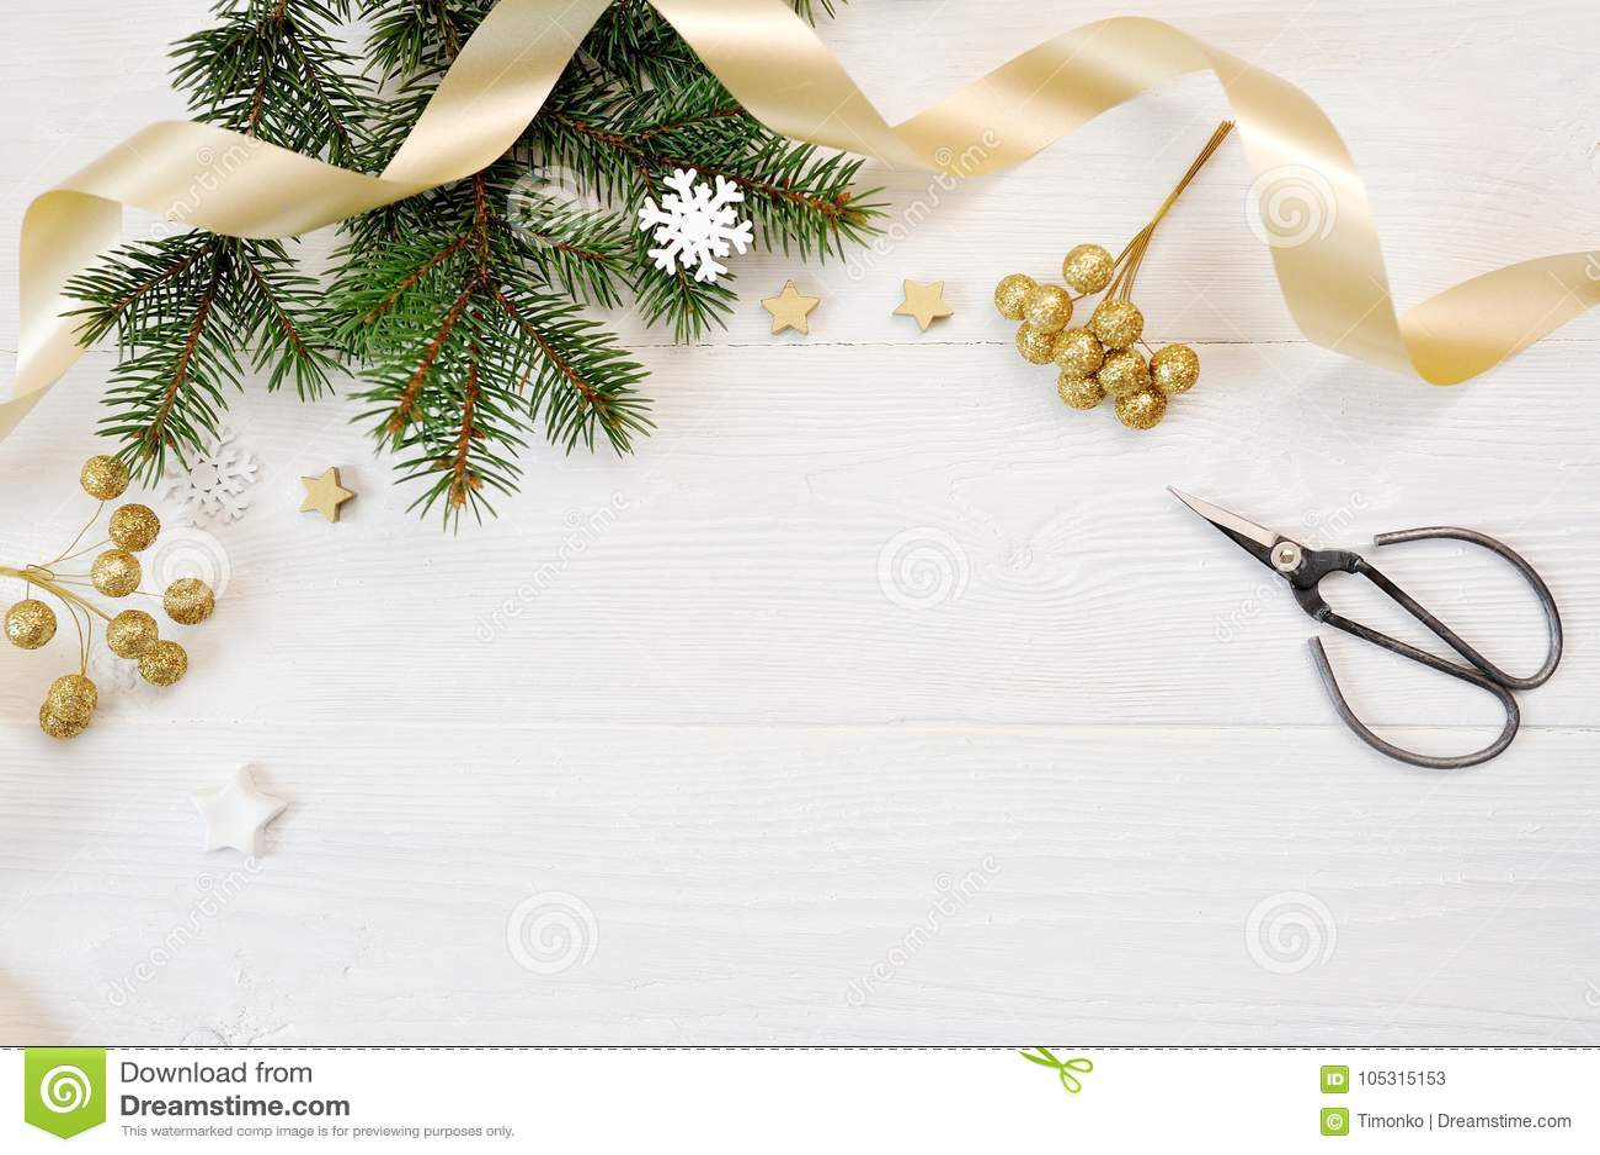 Τοπ άποψη ντεκόρ Χριστουγέννων προτύπων και χρυσή κορδέλλα, flatlay σε ένα άσπρο ξύλινο υπόβαθρο, με τη θέση για το κείμενό σας